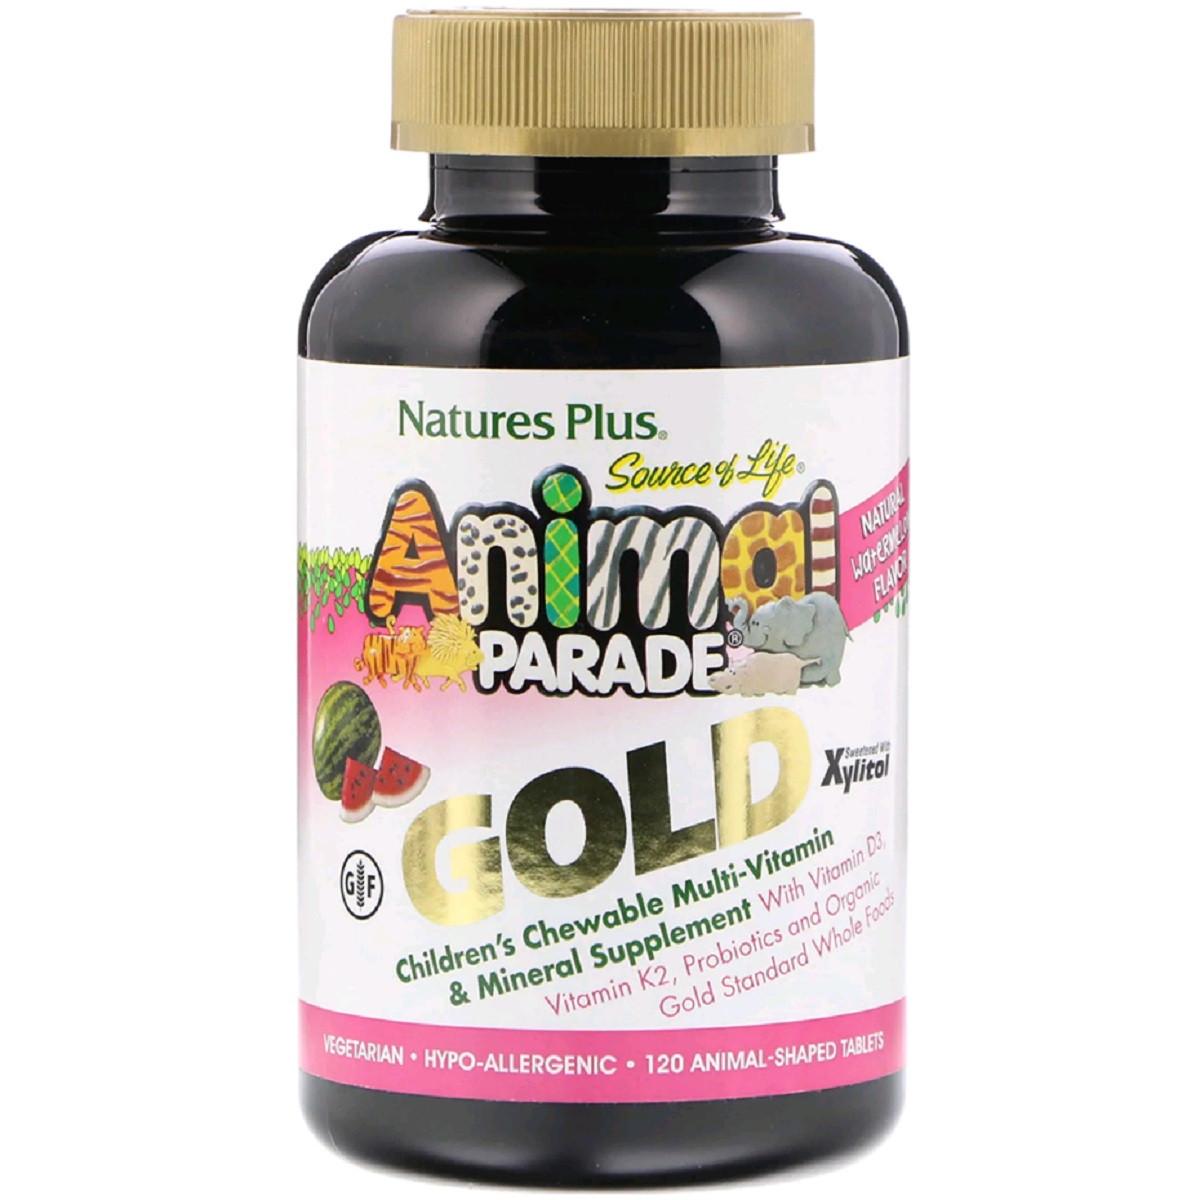 Мультивитамины для Детей, Вкус Арбуза, Animal Parade Gold, Natures Plus, 120 жевательных таблеток